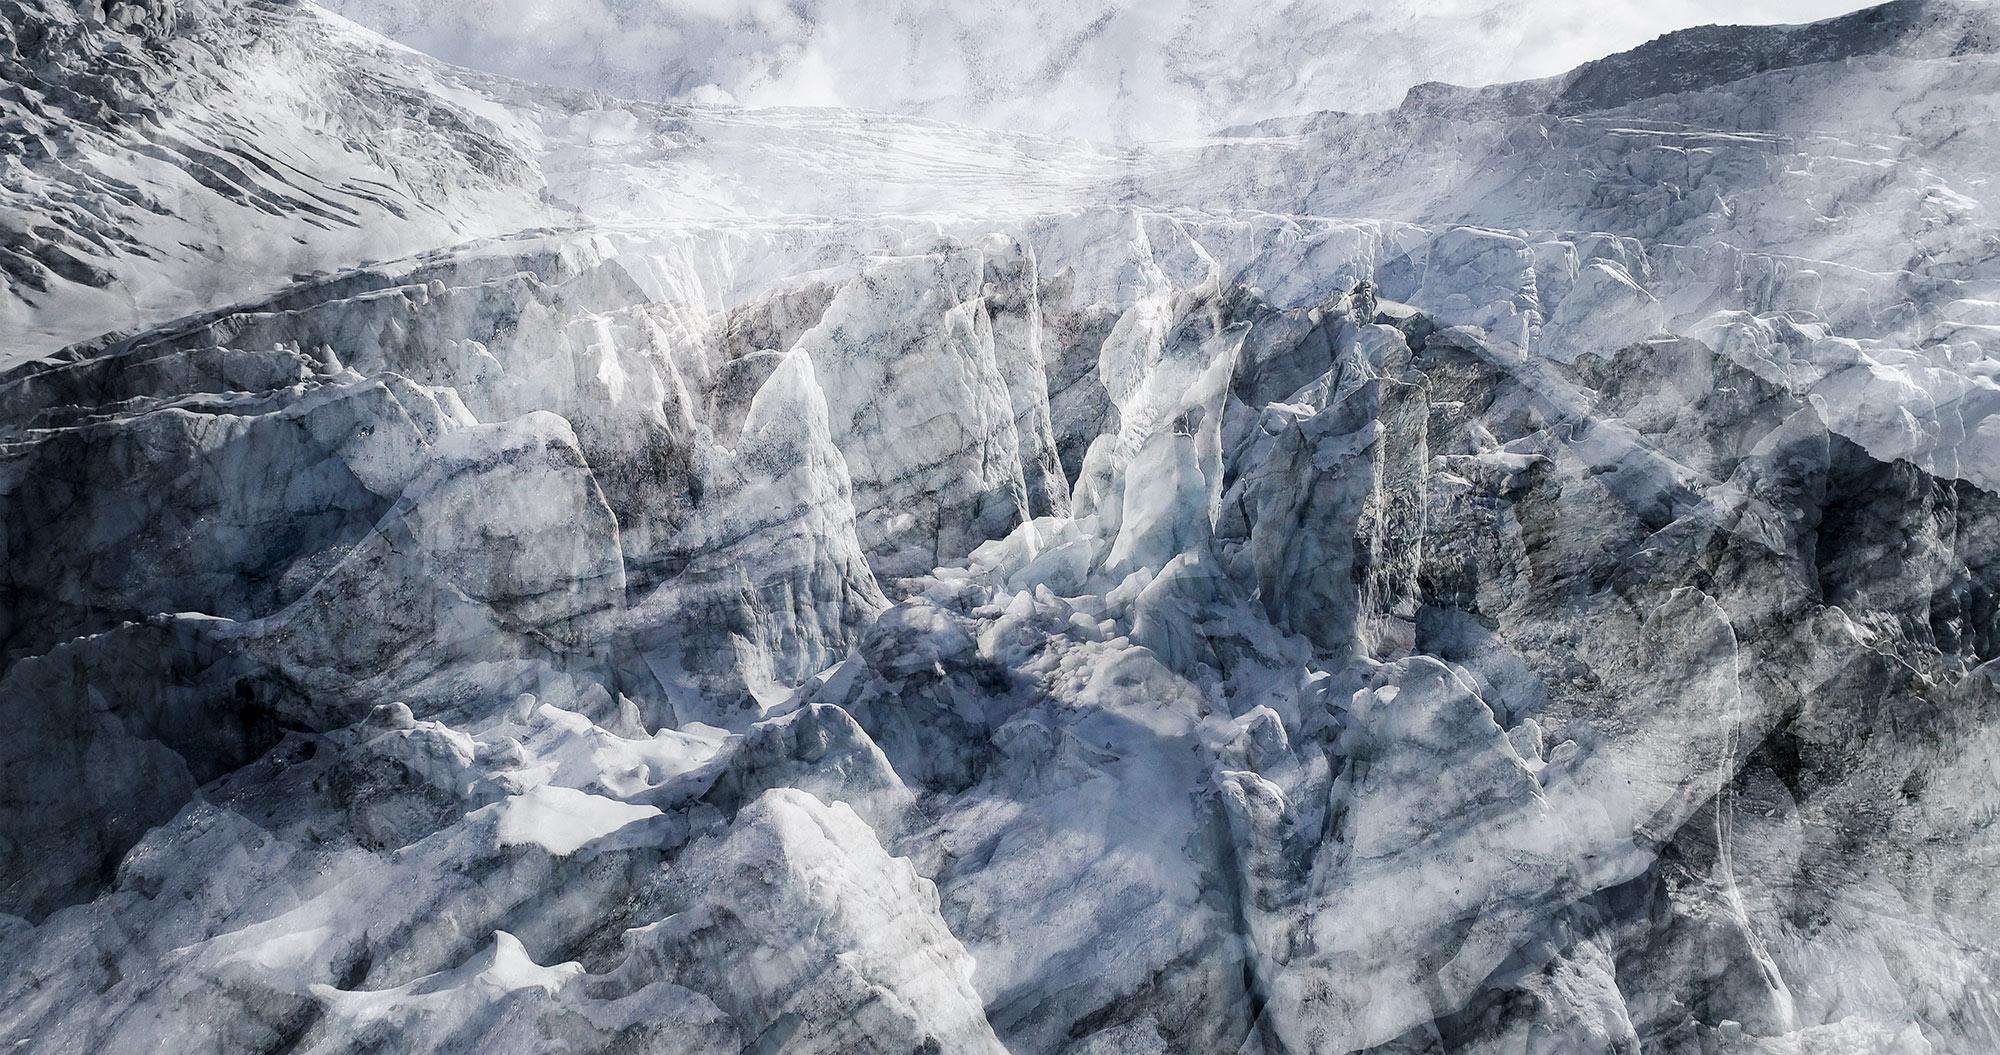 #60 Glaciers offset, 2017, photographie reconstruite à partir de bandes videos, réalisées sur les glaciers de Ferpècle, Trient,Moiry